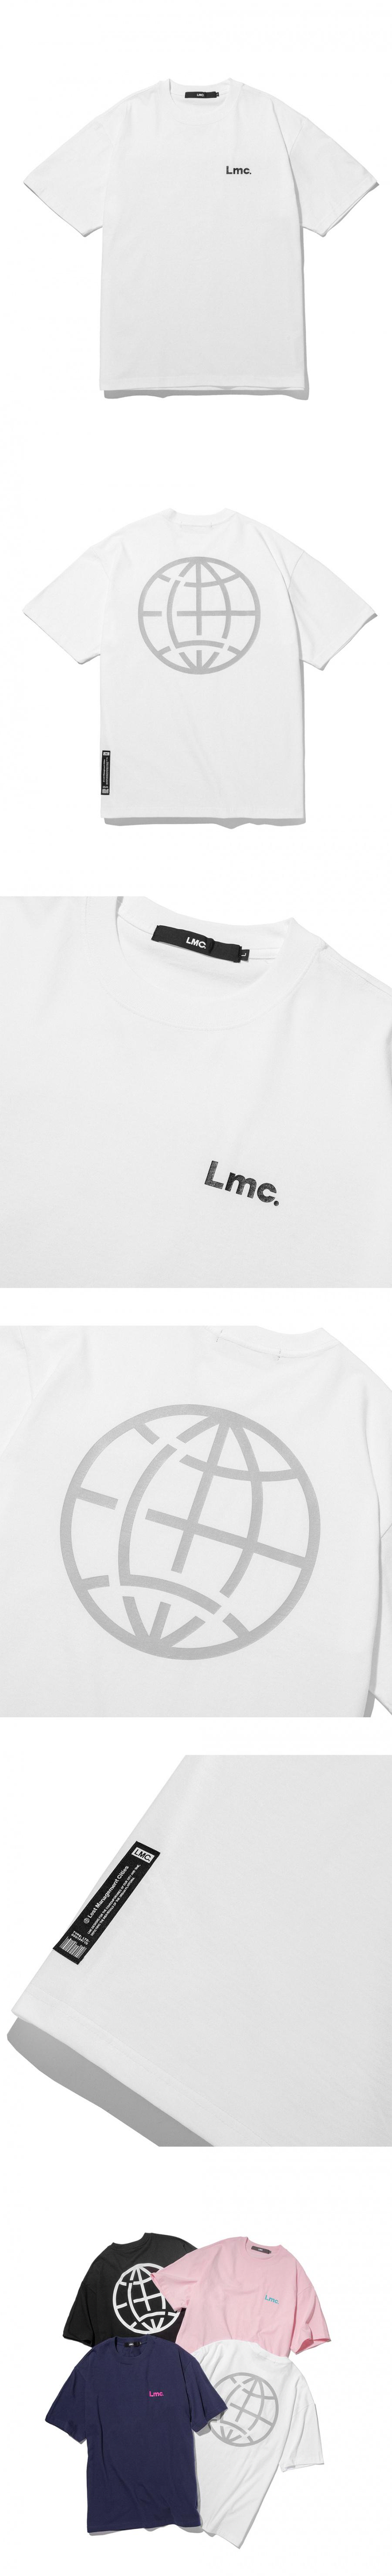 엘엠씨(LMC) LMC LOWER CASE TEE white